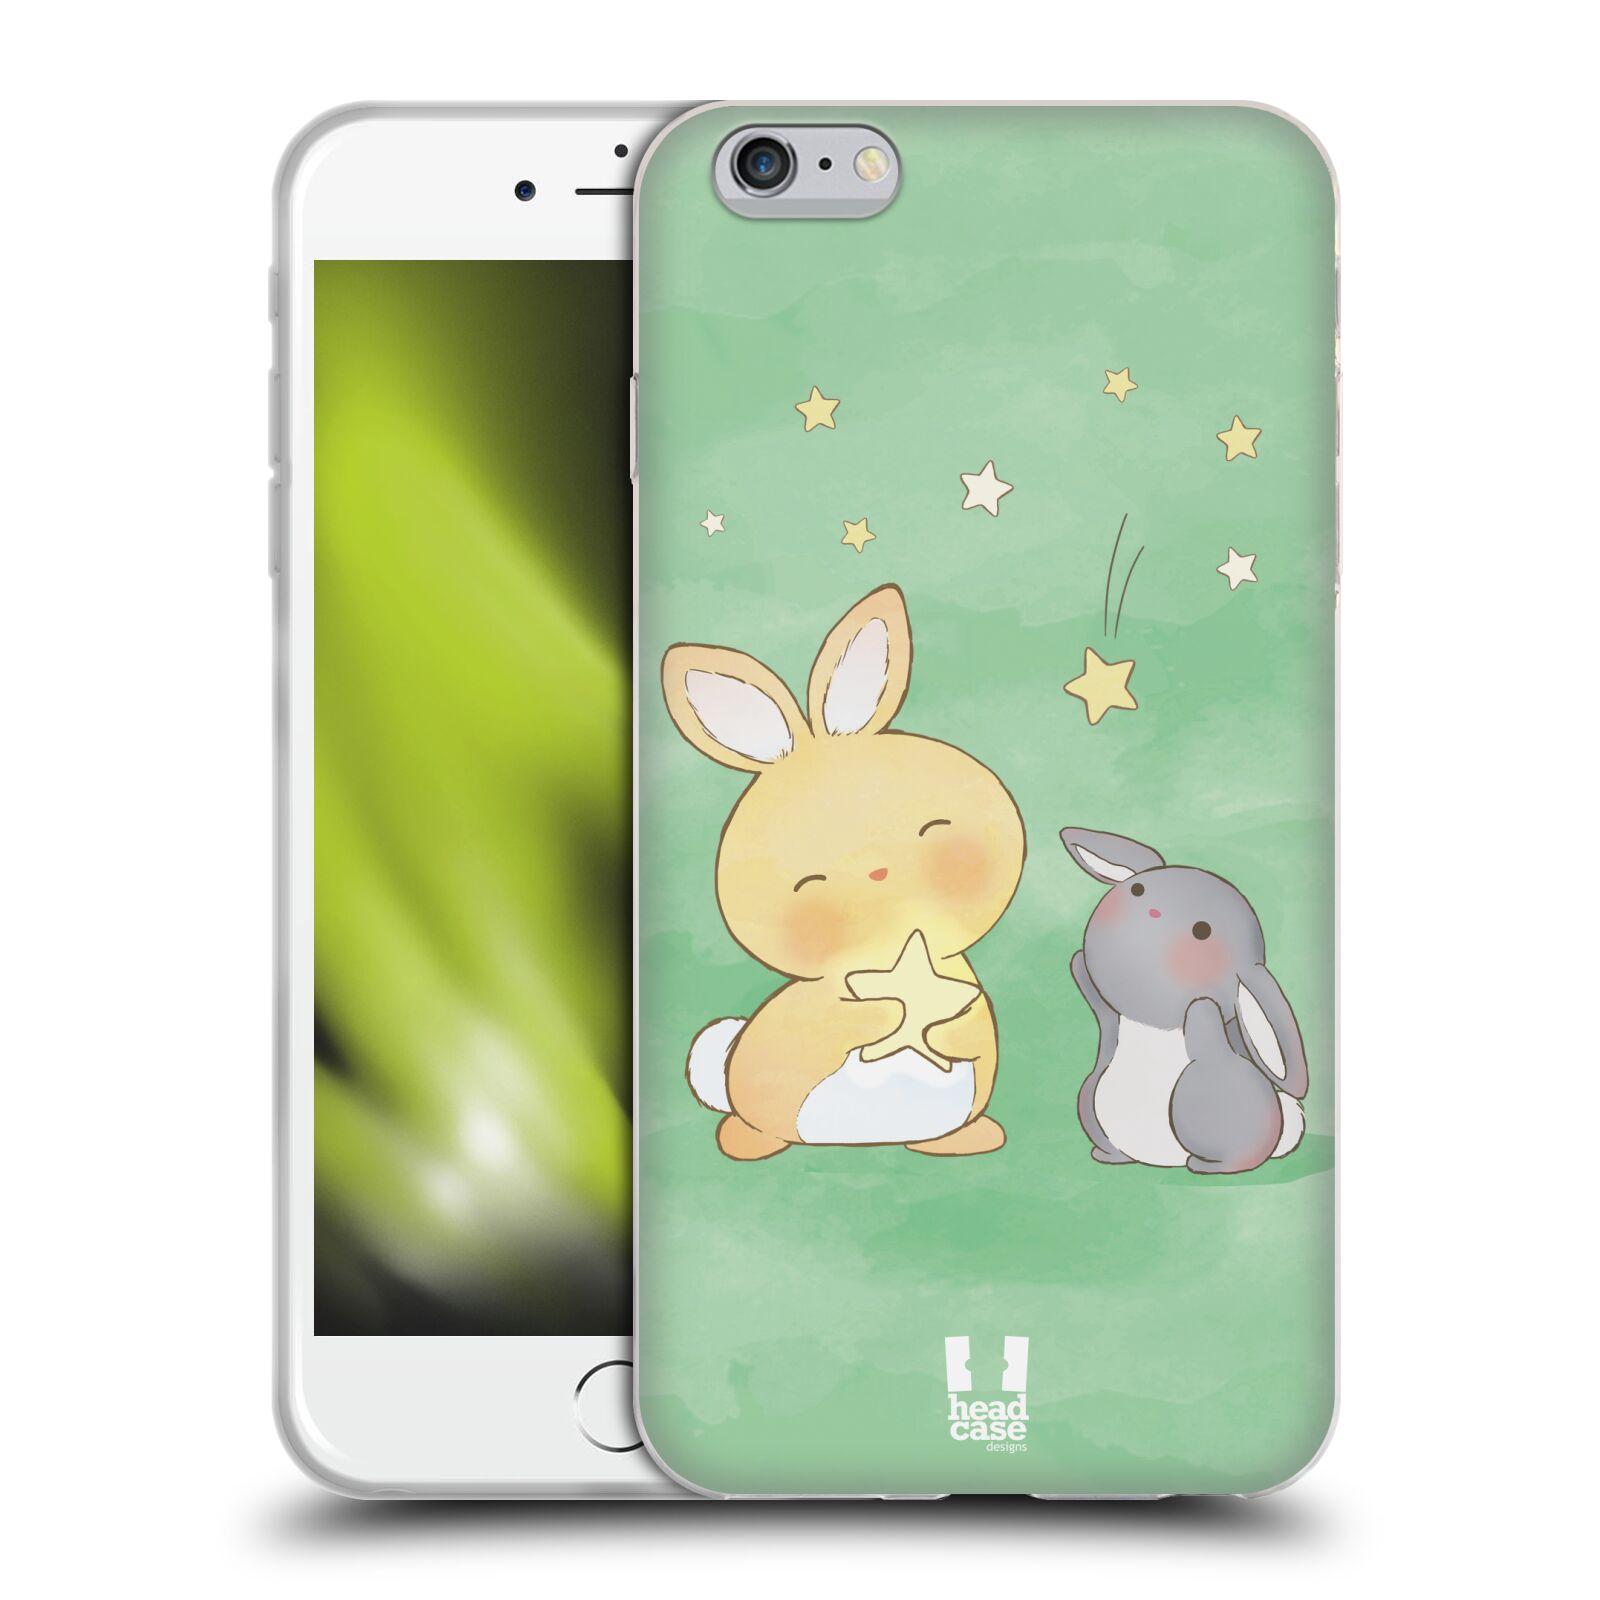 HEAD CASE silikonový obal na mobil Apple Iphone 6 PLUS/ 6S PLUS vzor králíček a hvězdy zelená